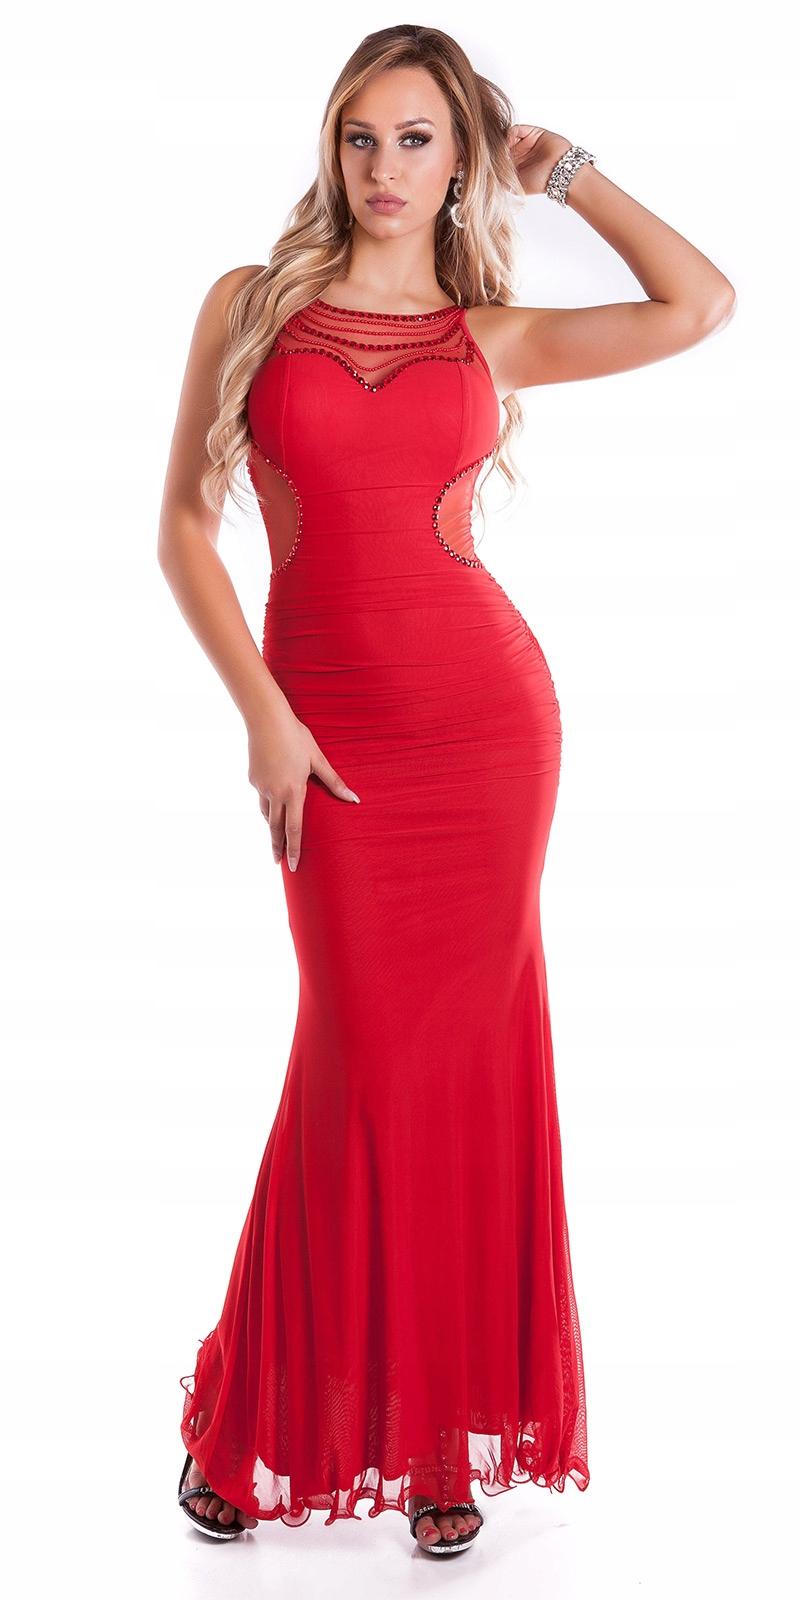 suknia sukienka wieczorowa WESELE 36 S na JUŻ.